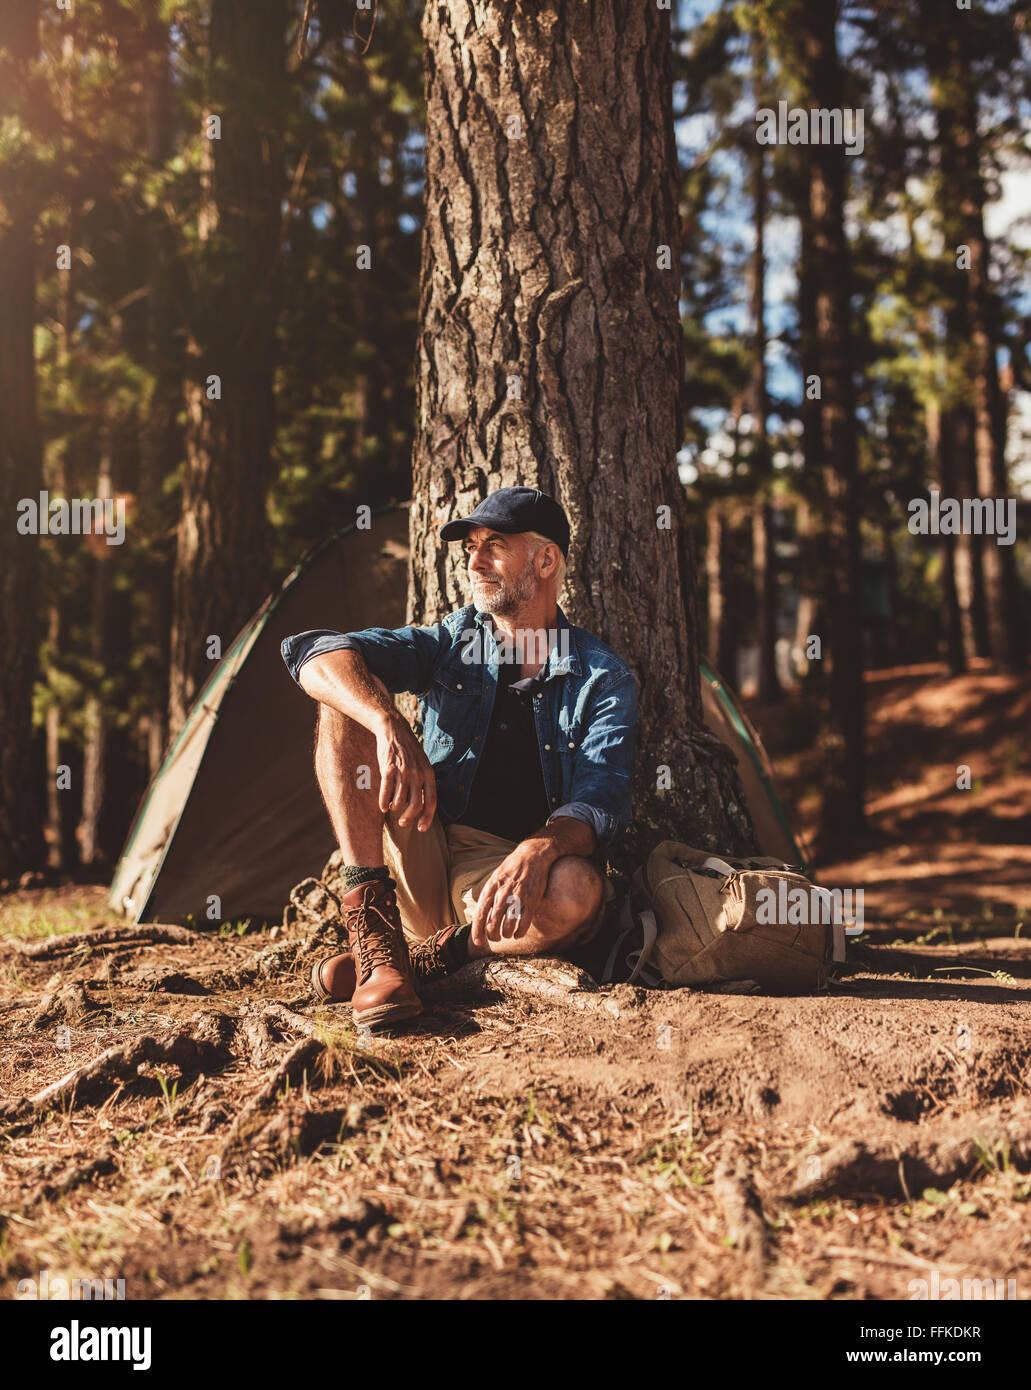 Ritratto di senior uomo seduto da solo da un albero con una tenda in background. Coppia uomo seduto in un campeggio Immagini Stock